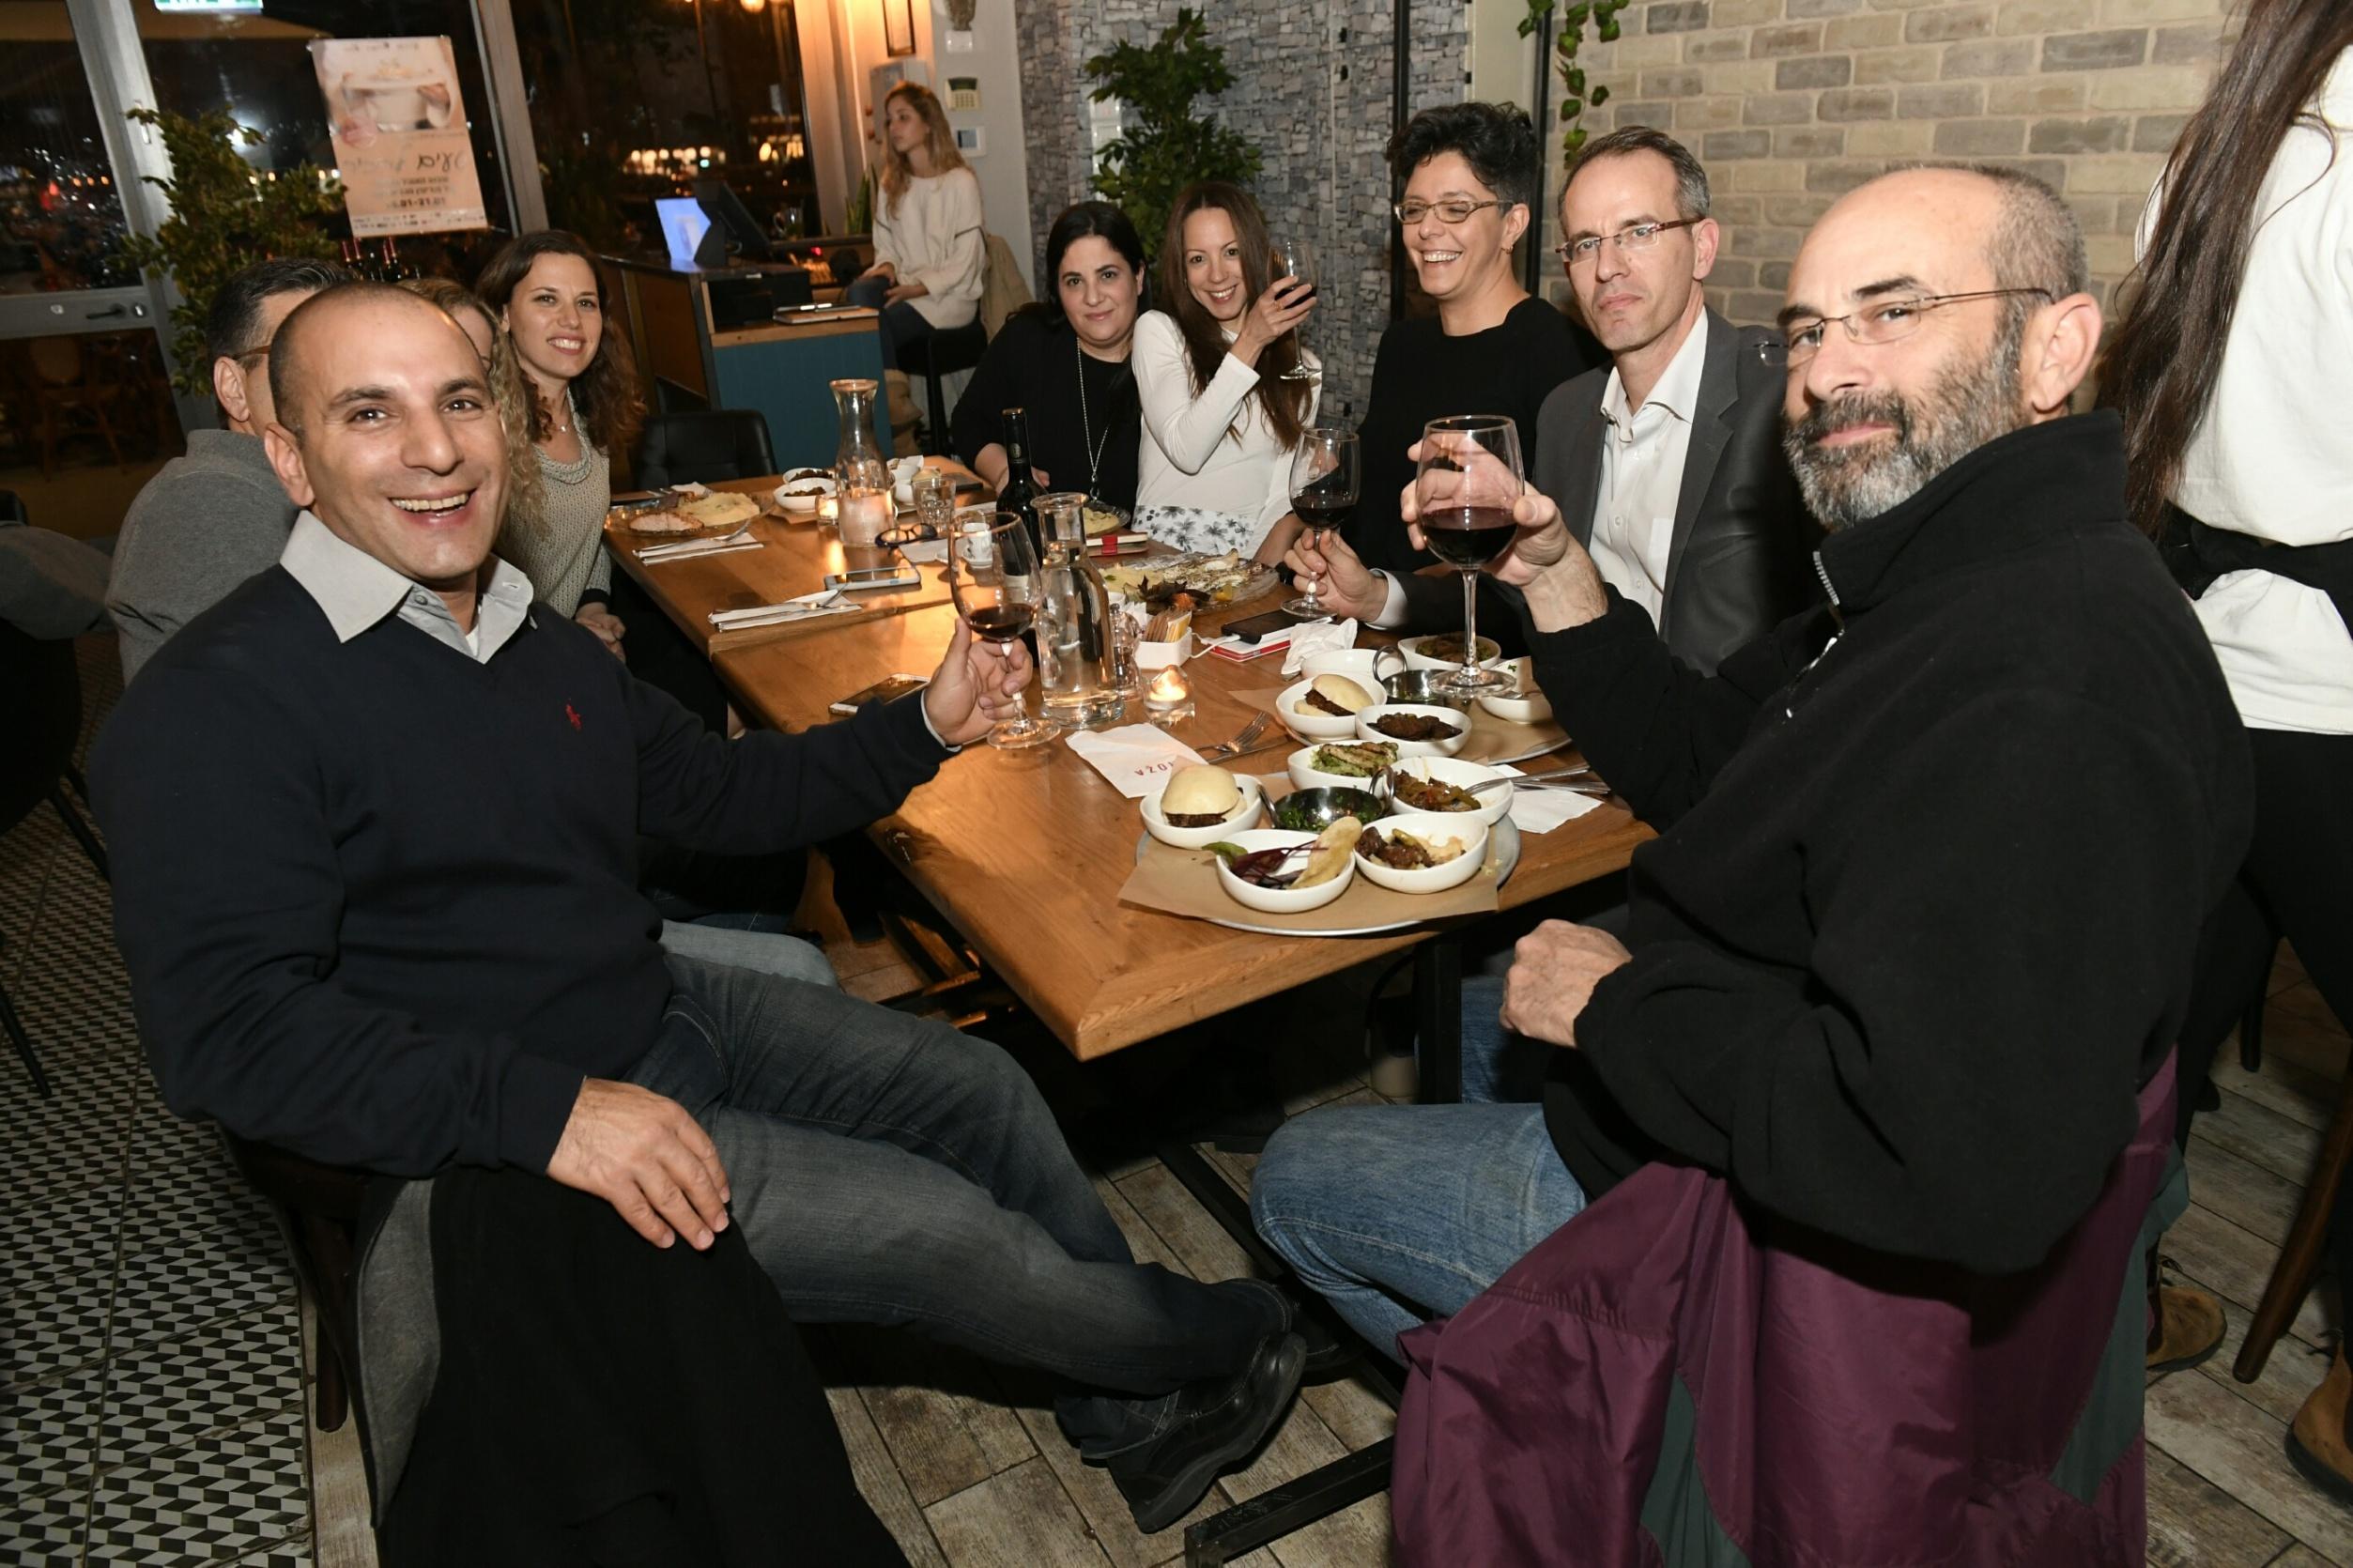 חידוש: שבוע האוכל של מודיעין יכלול השנה גם מסעדות כשרות